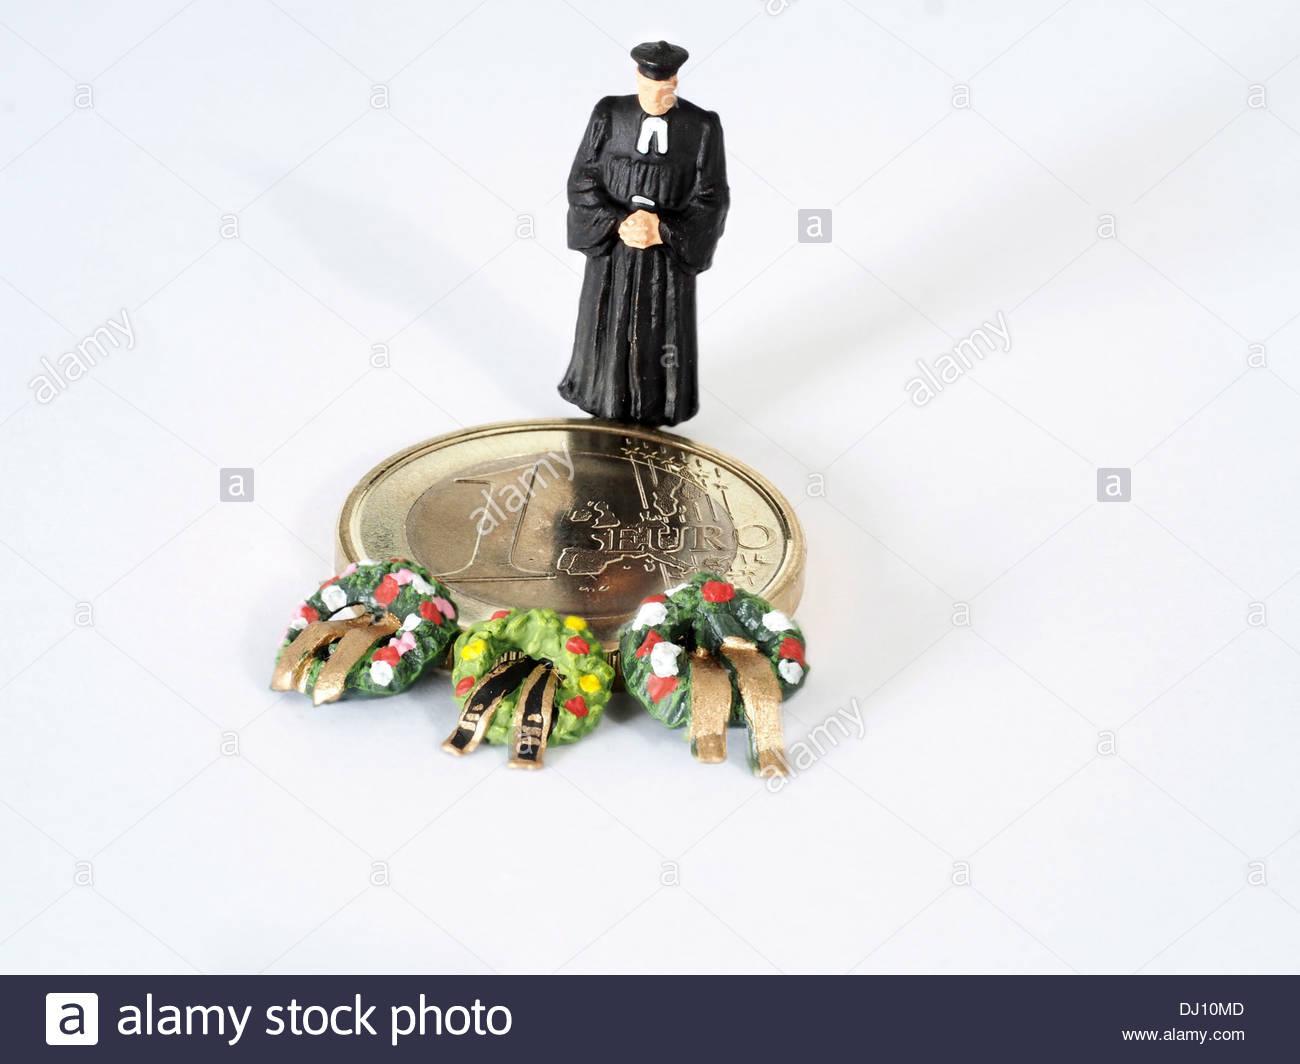 Preiser Figur Priester Bleiben Auf 1 Euro Münze Mit Grab Kränze